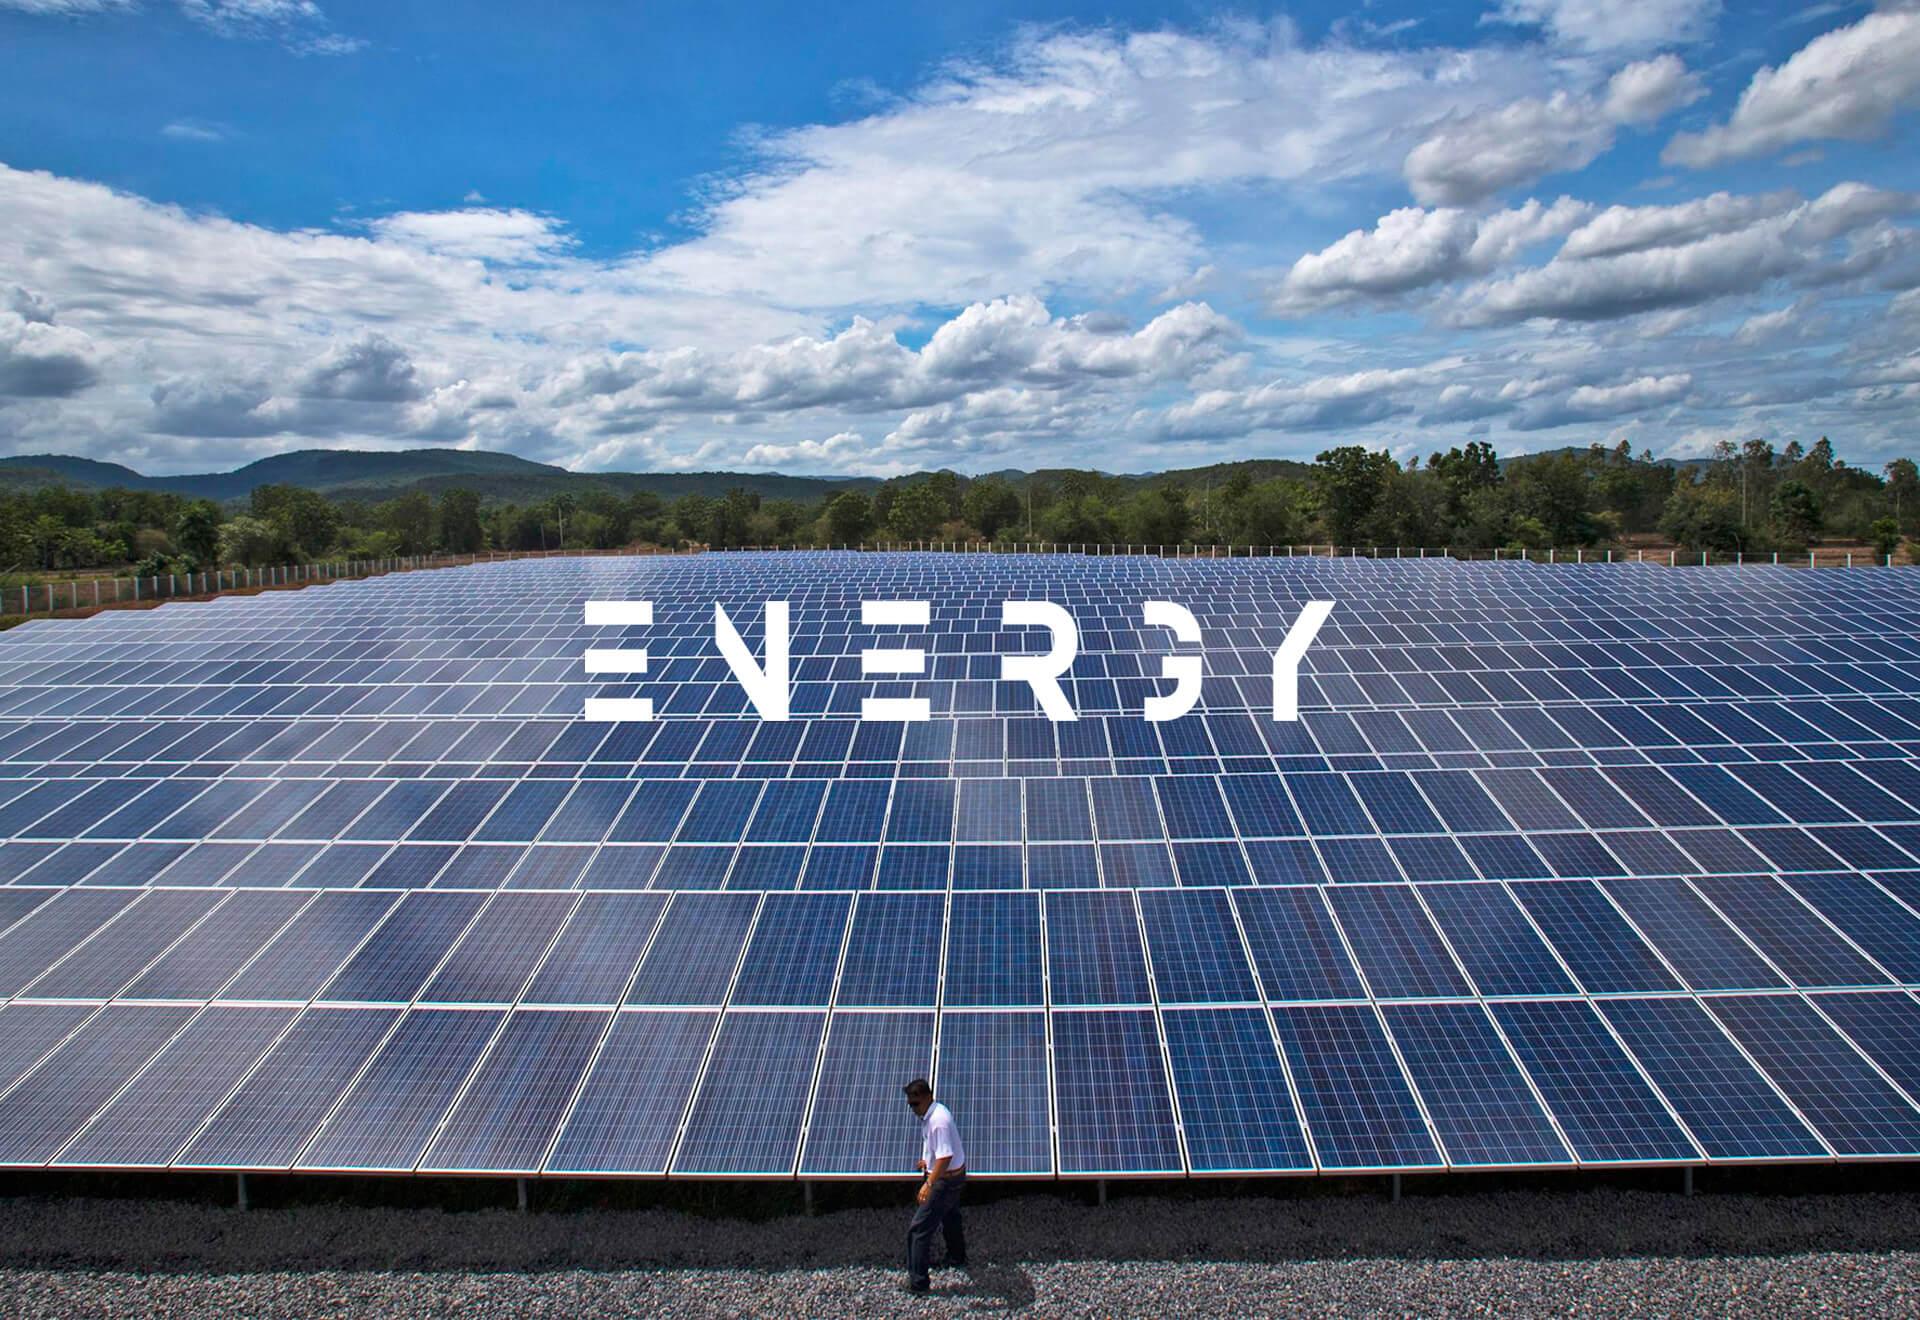 UE_Type_Energy